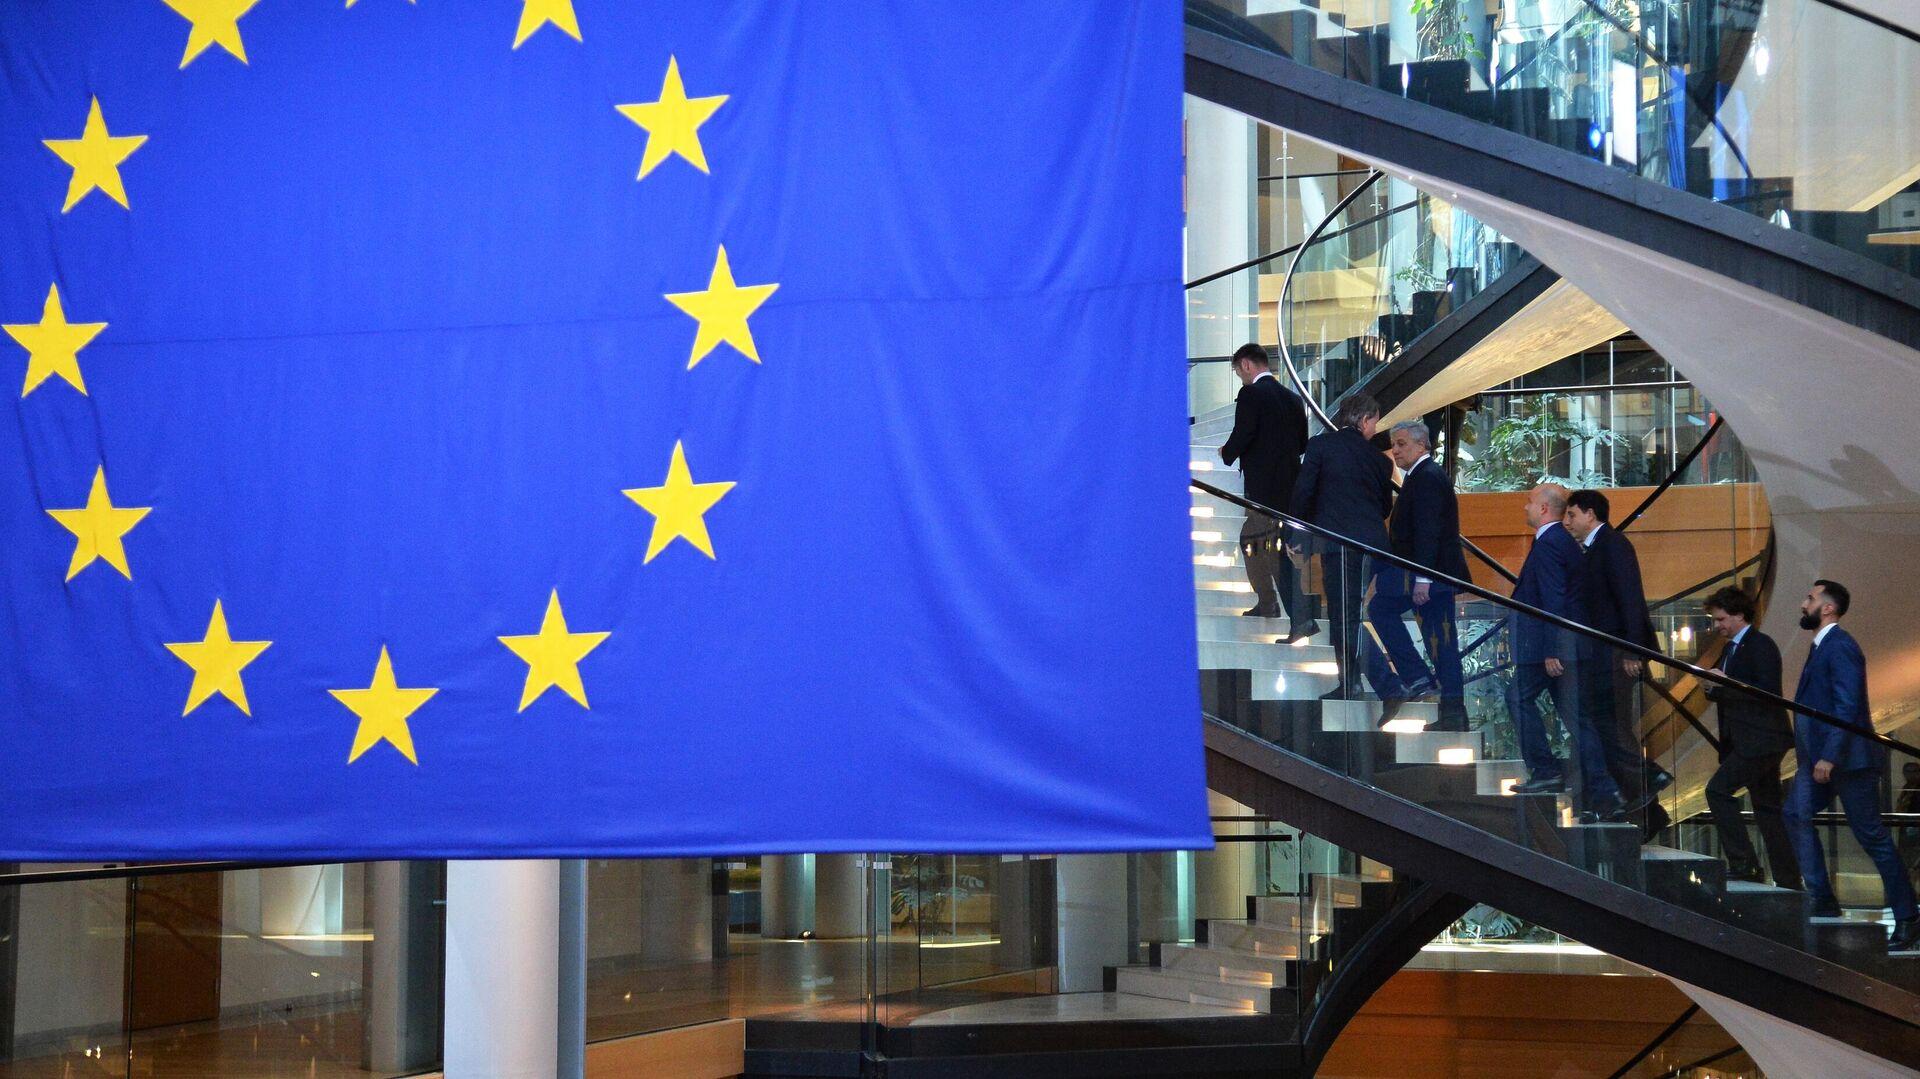 Депутаты на сессии Европейского парламента в Страсбурге - РИА Новости, 1920, 07.12.2020